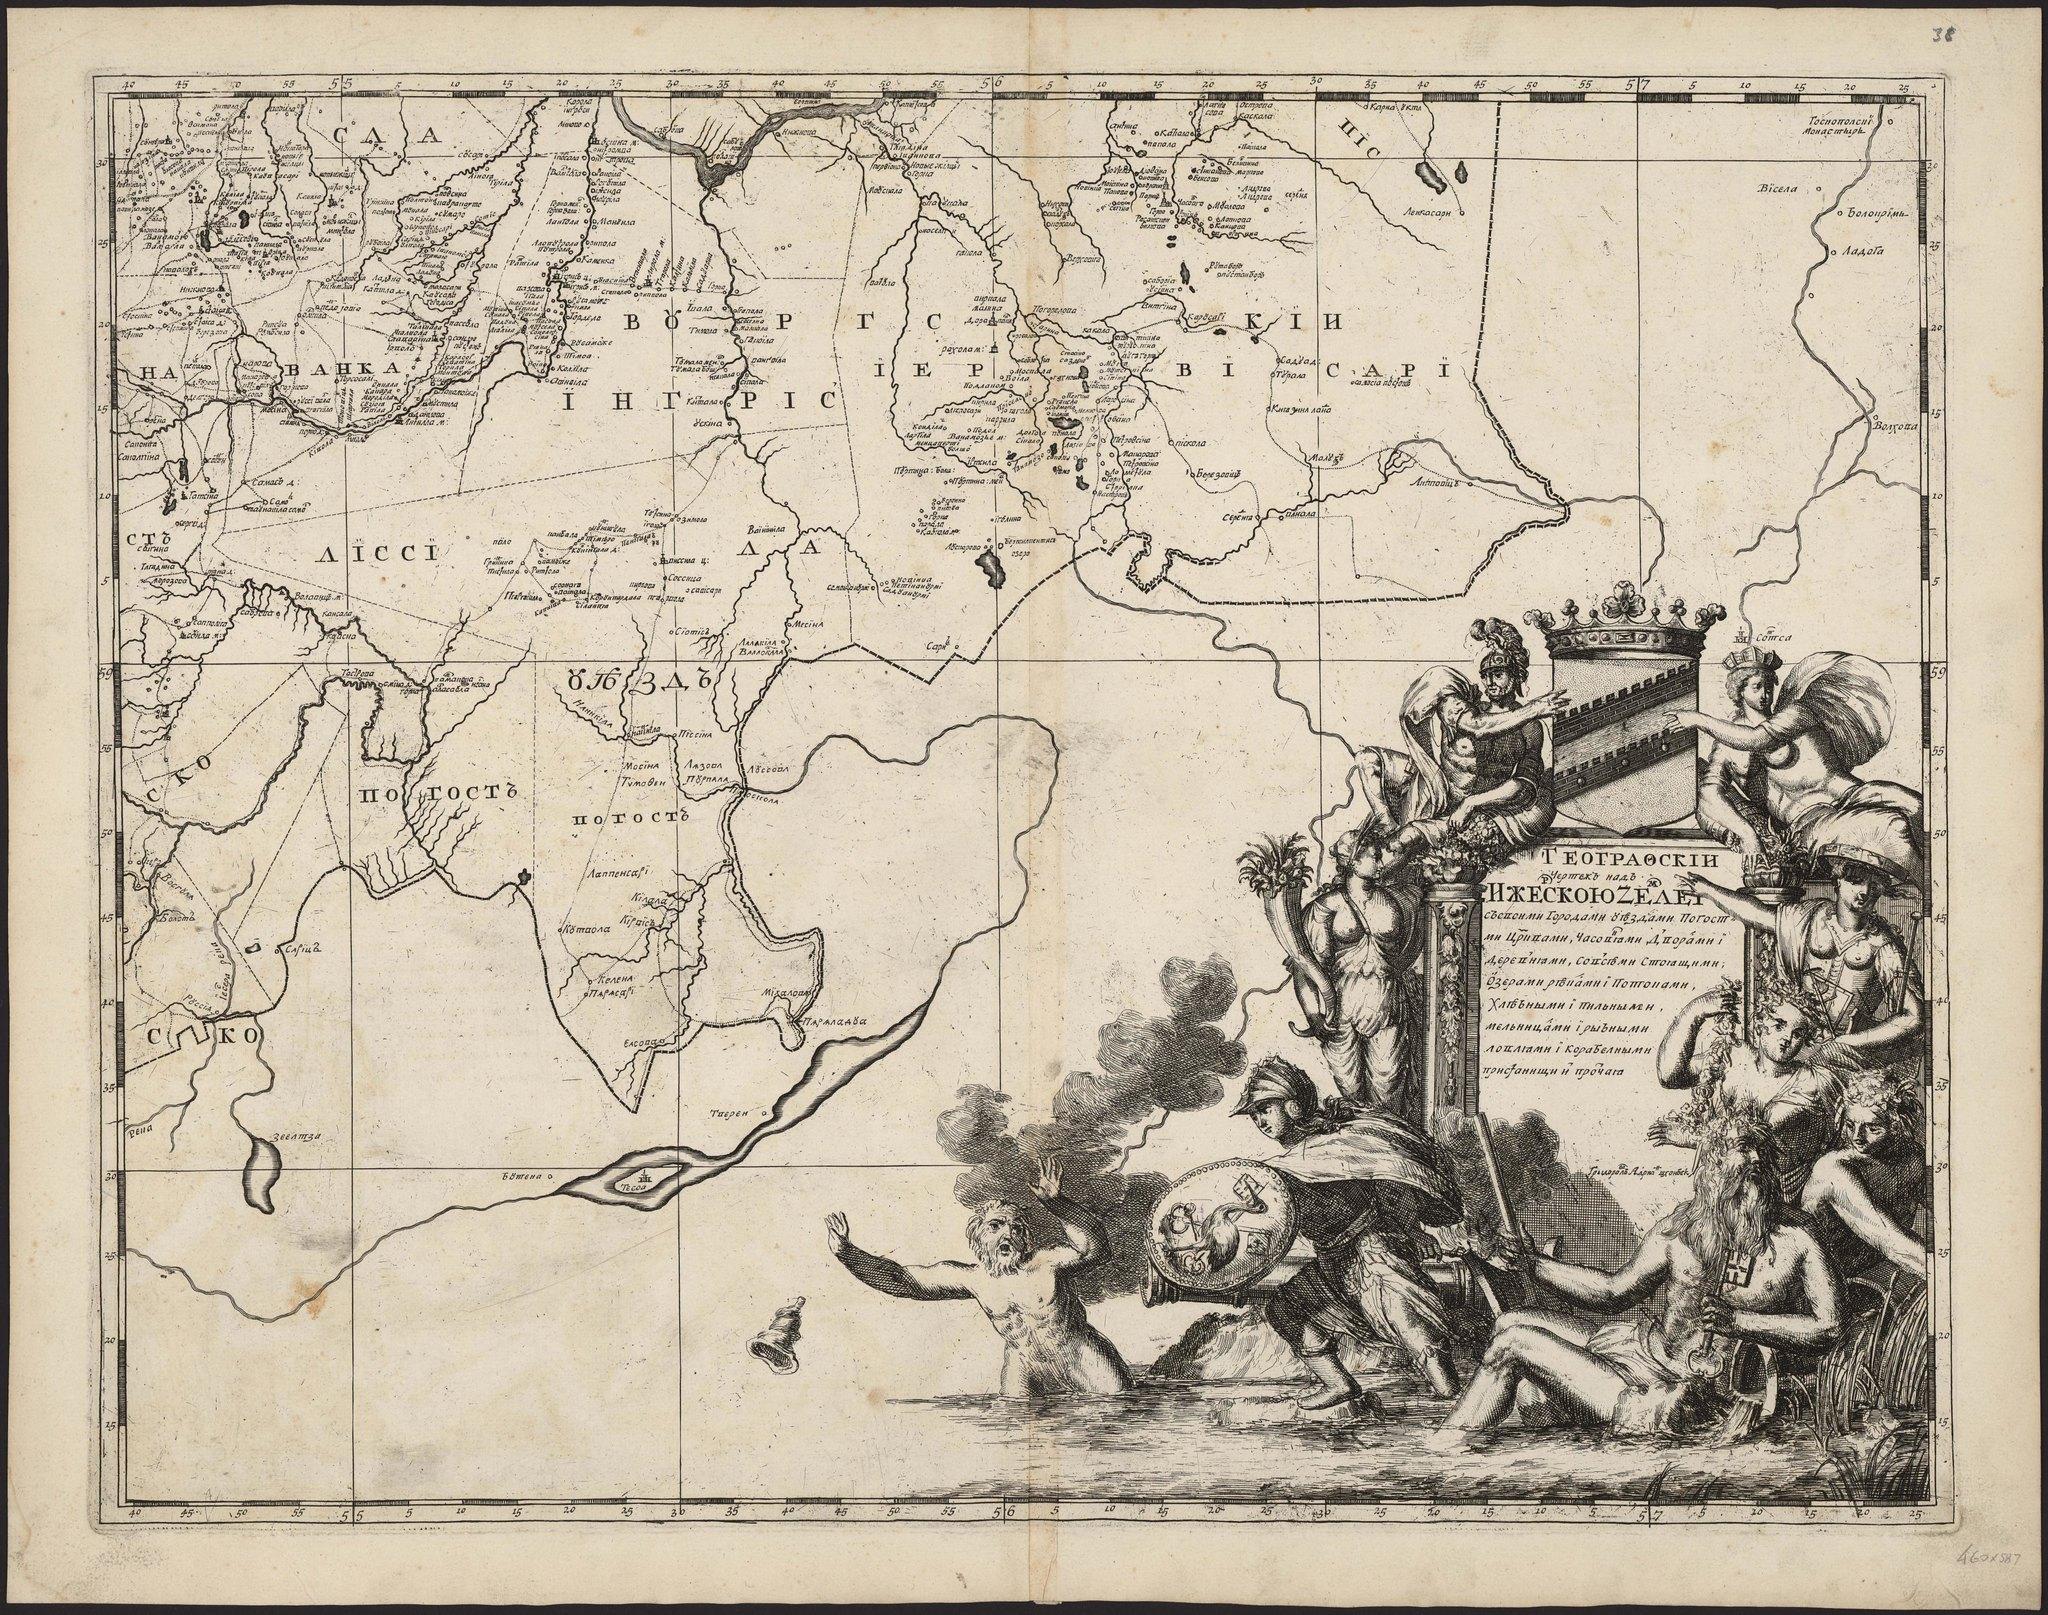 1704. Адриан Шхонебек. Географскии чертеж над Ижерскою землеи с своими городами, уездами, погостами1